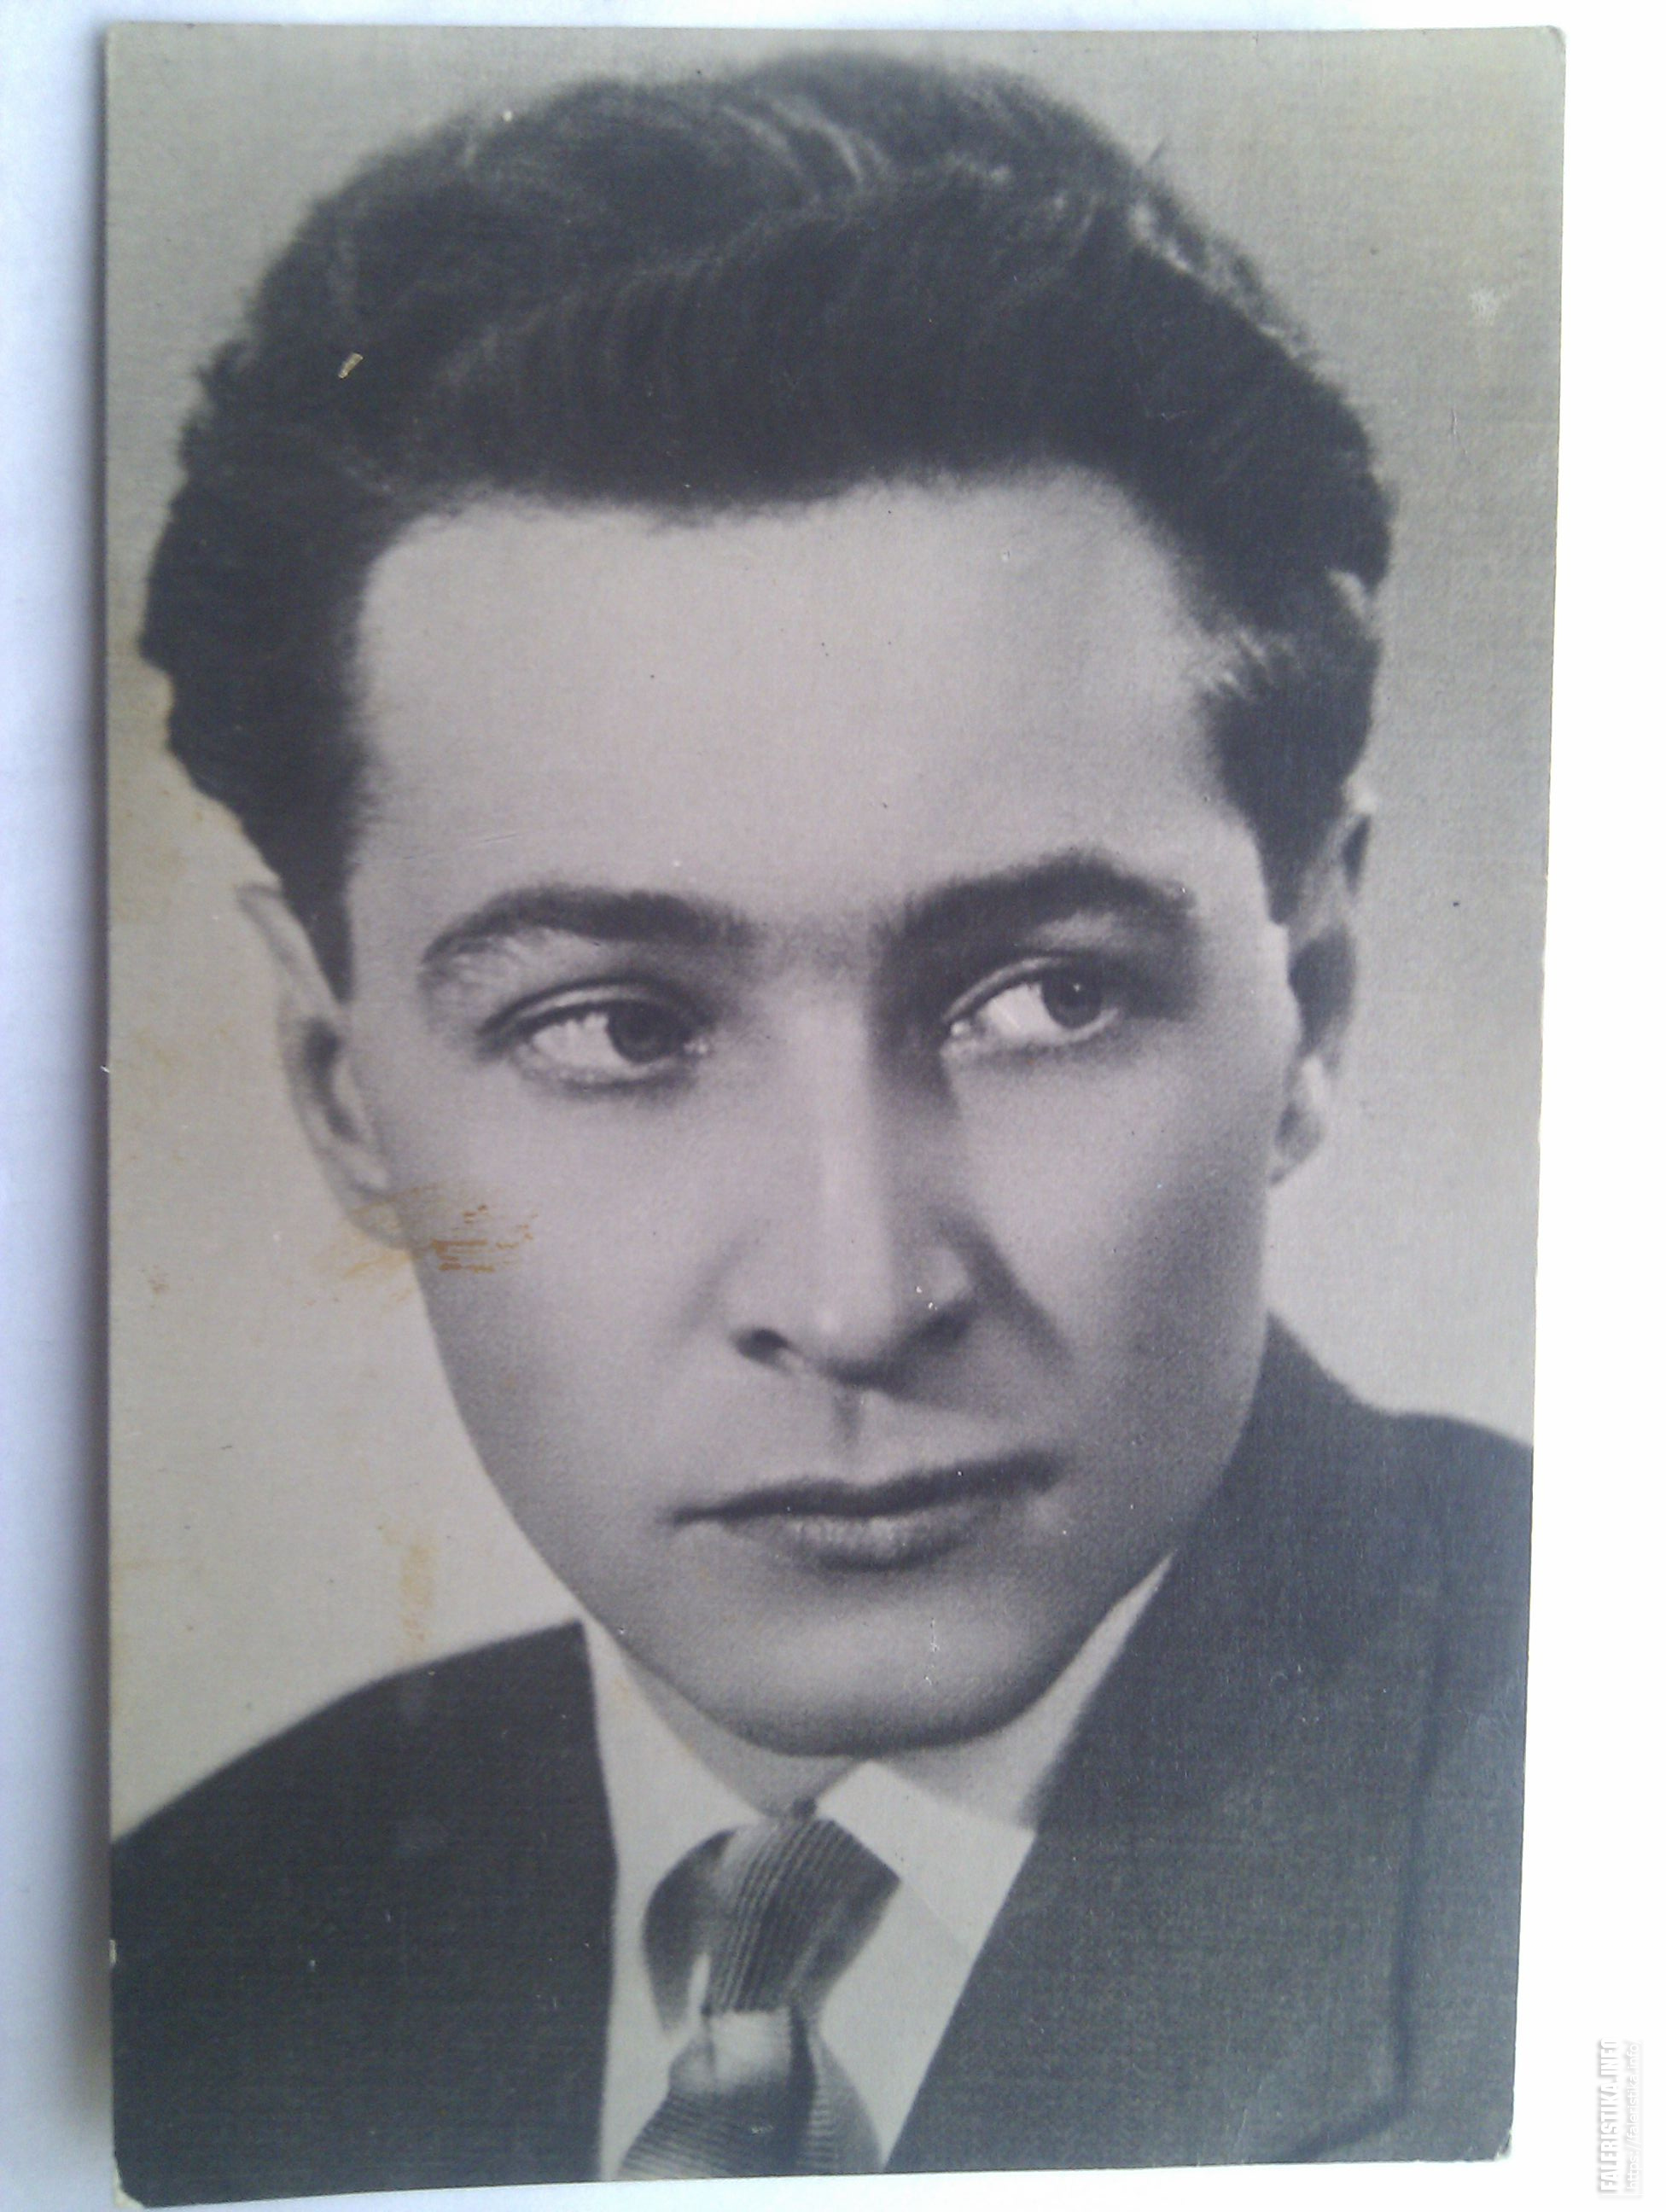 Вячеслав Тихонов: биография, личная жизнь, жена, дети